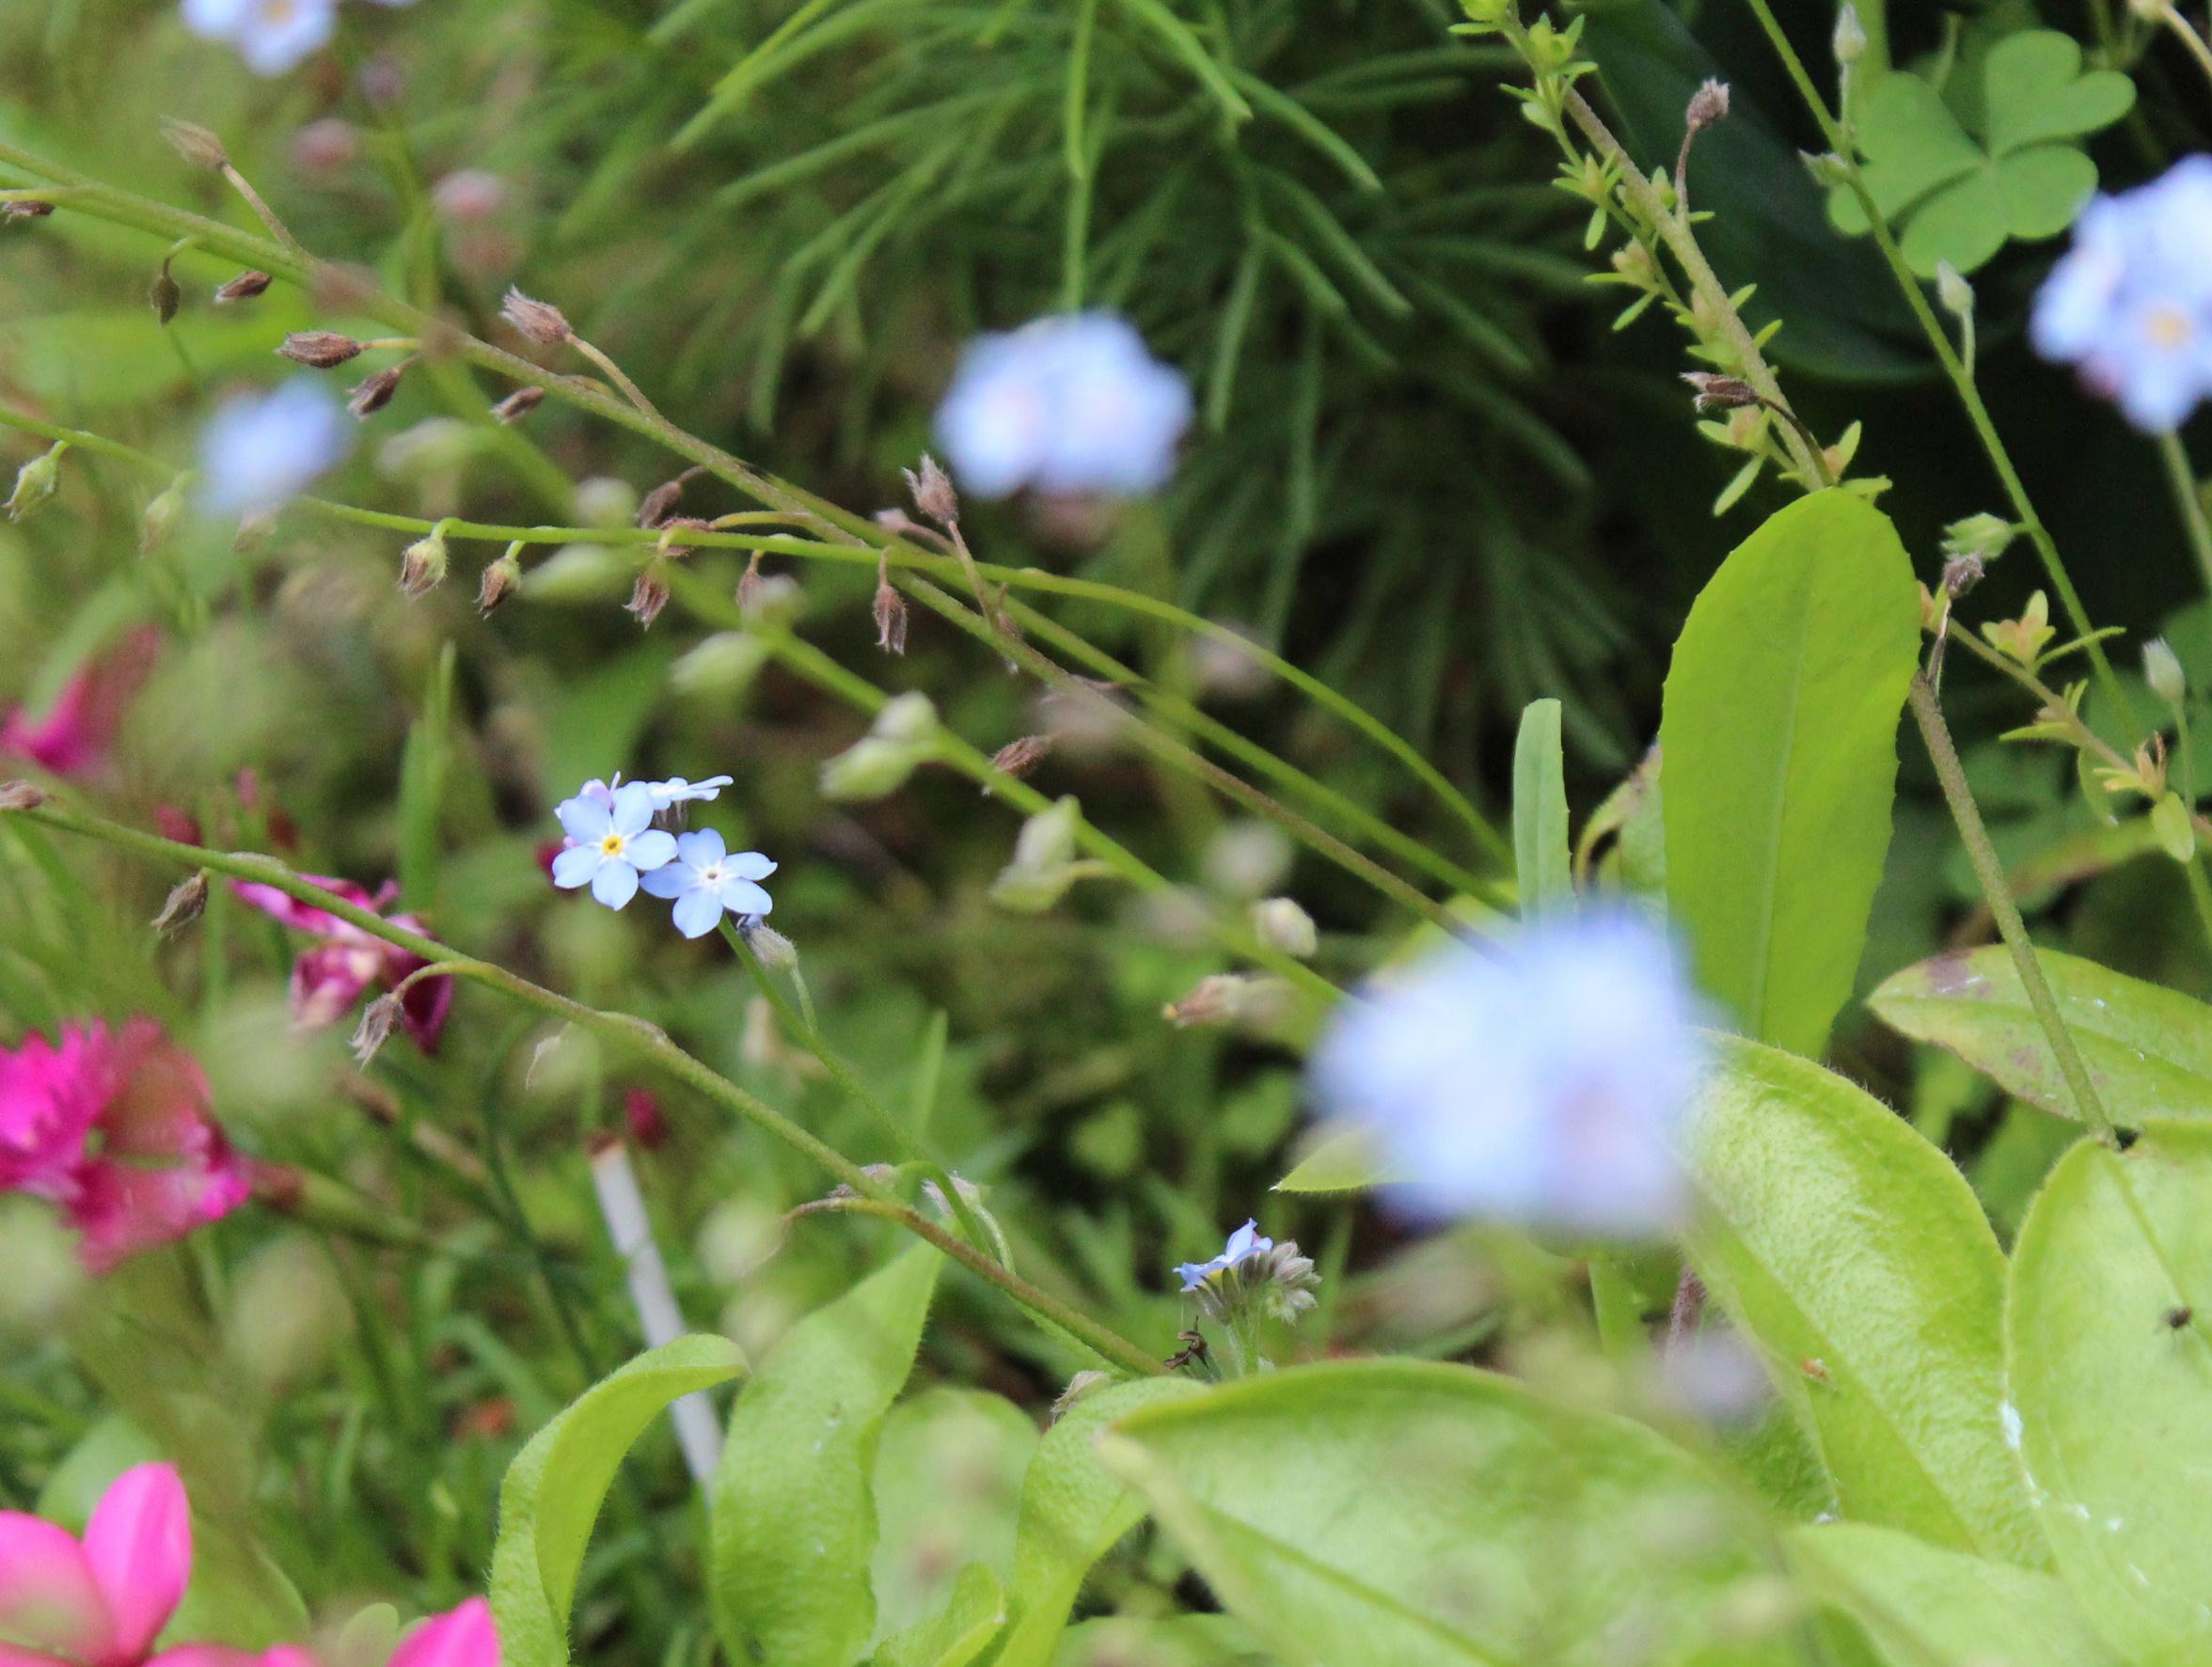 ワスレナグサが忘れられたように小さな青い花を咲かせています